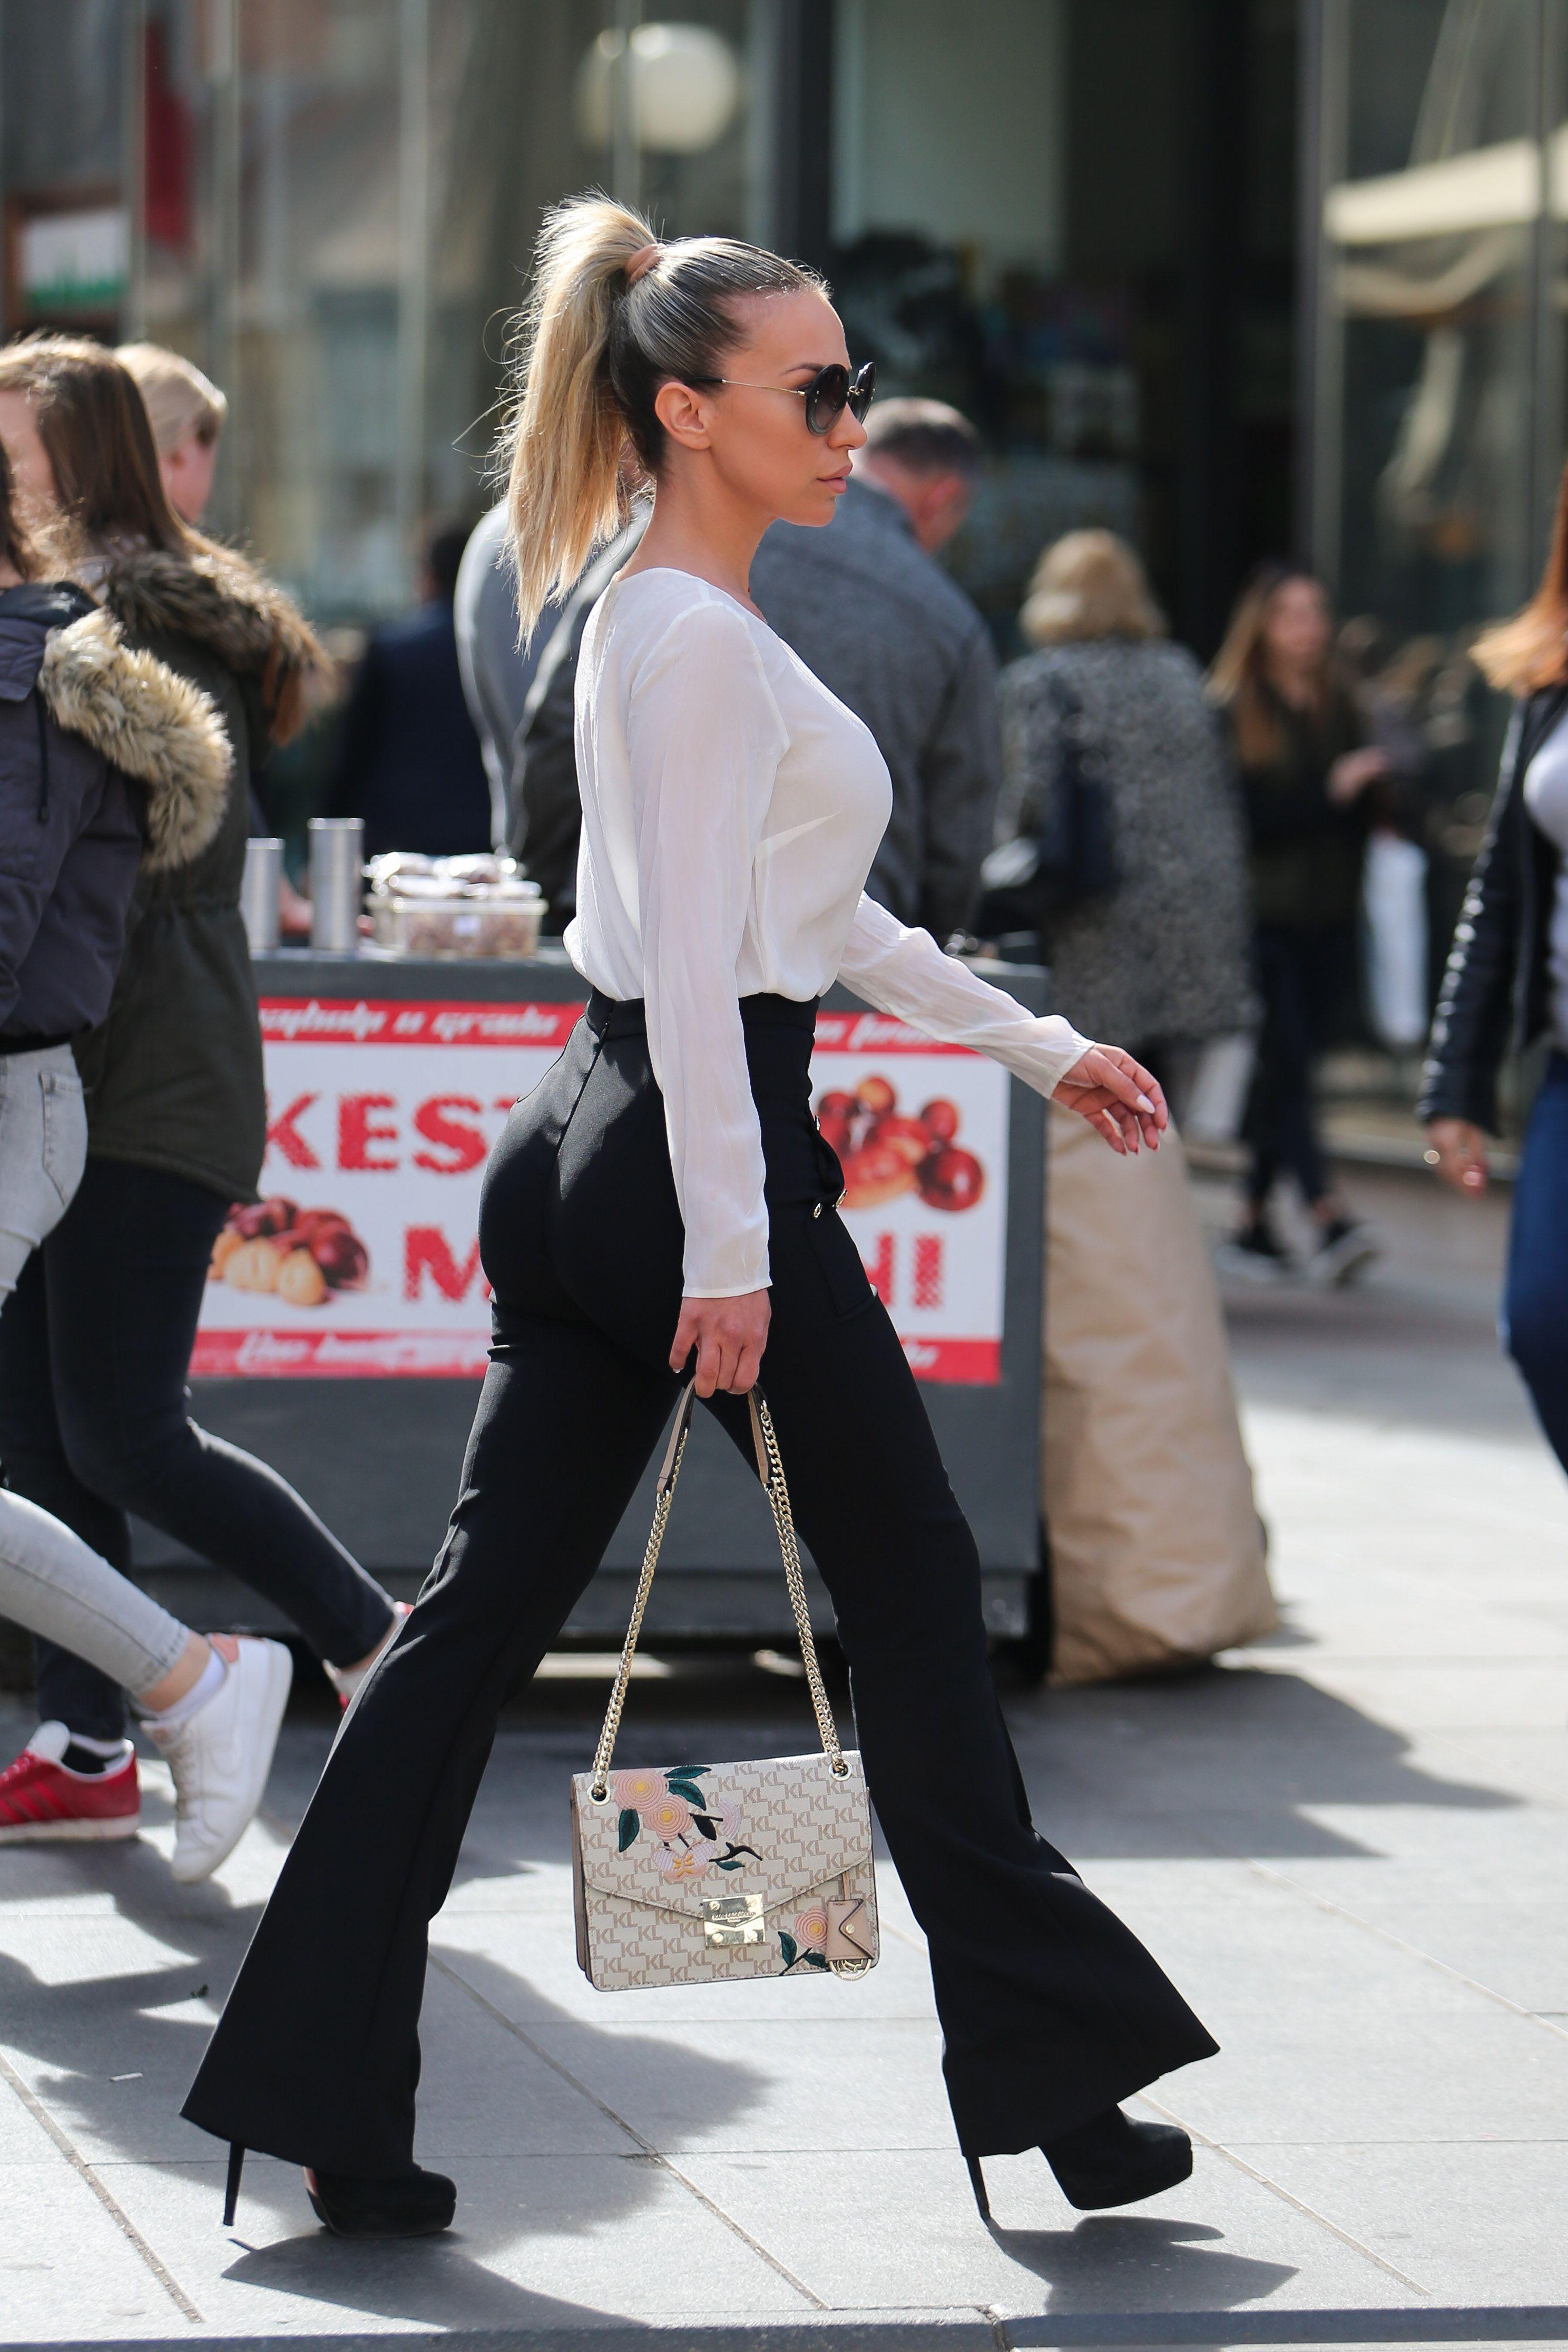 Zanosna plavuša nosi omražene hlače, no stvarno joj pristaju fantastično!